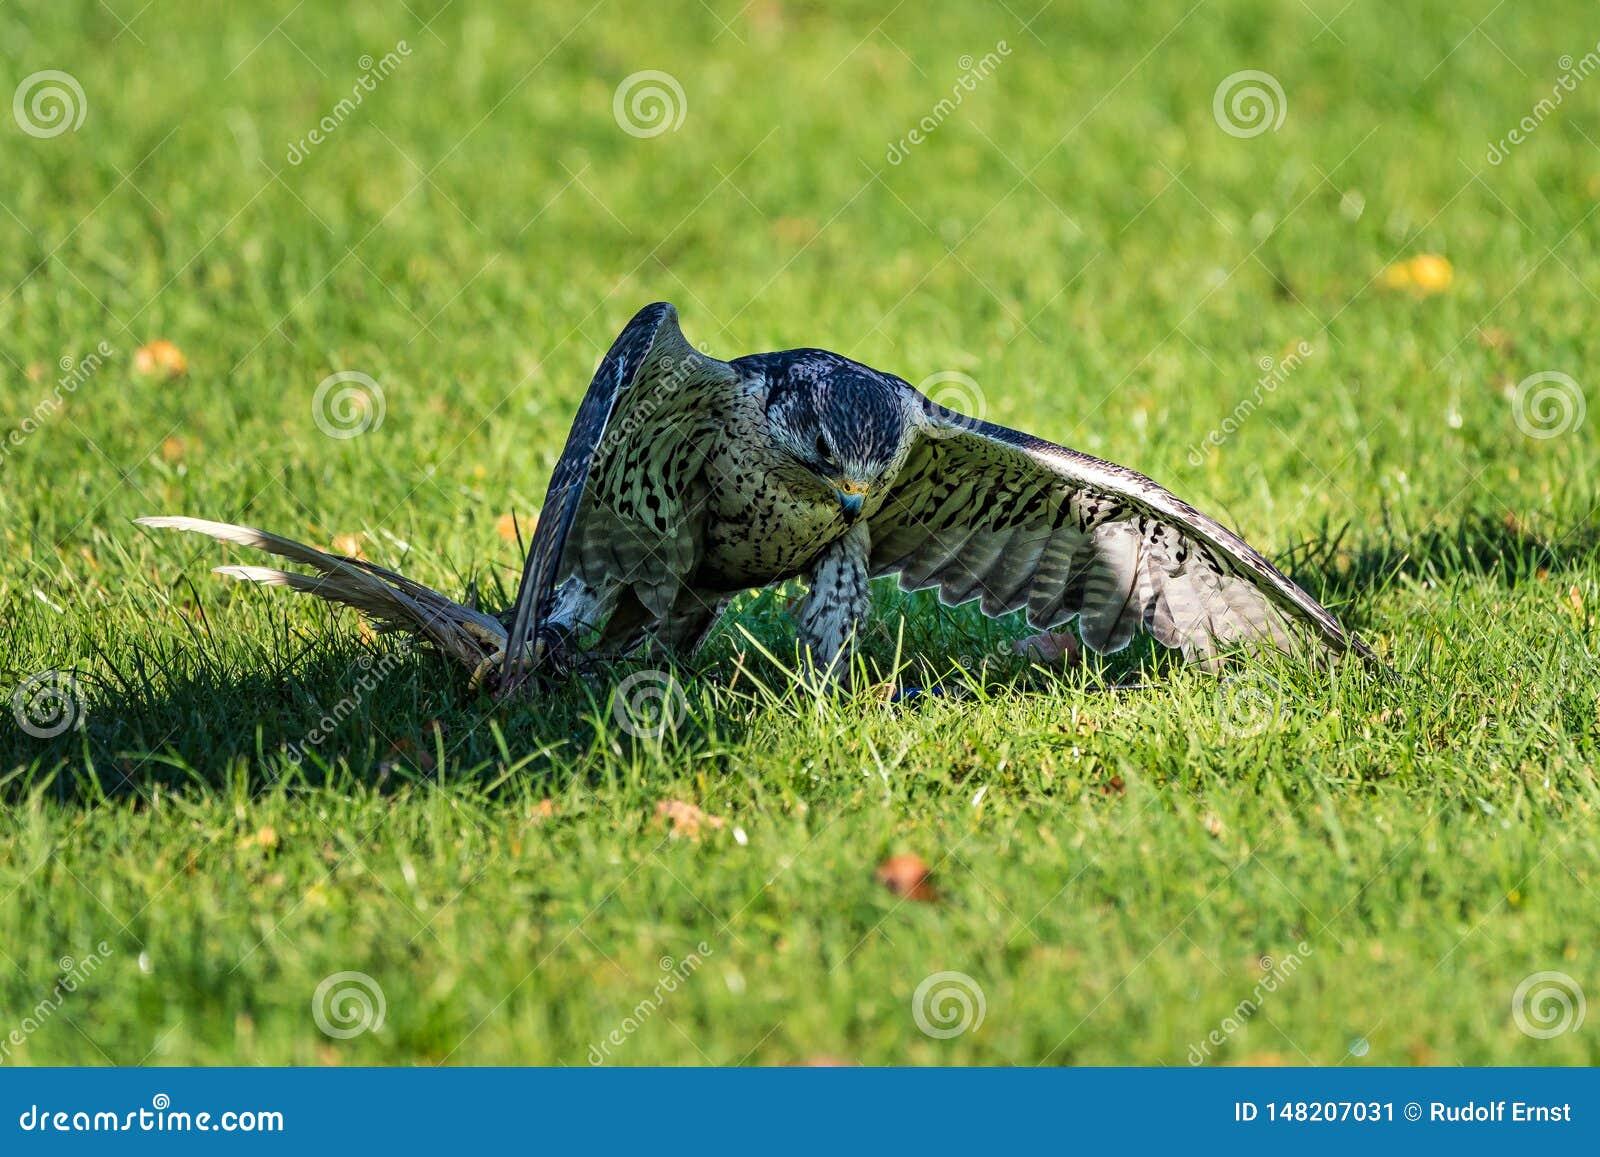 De sakervalk, Falco cherrug in een Duits aardpark